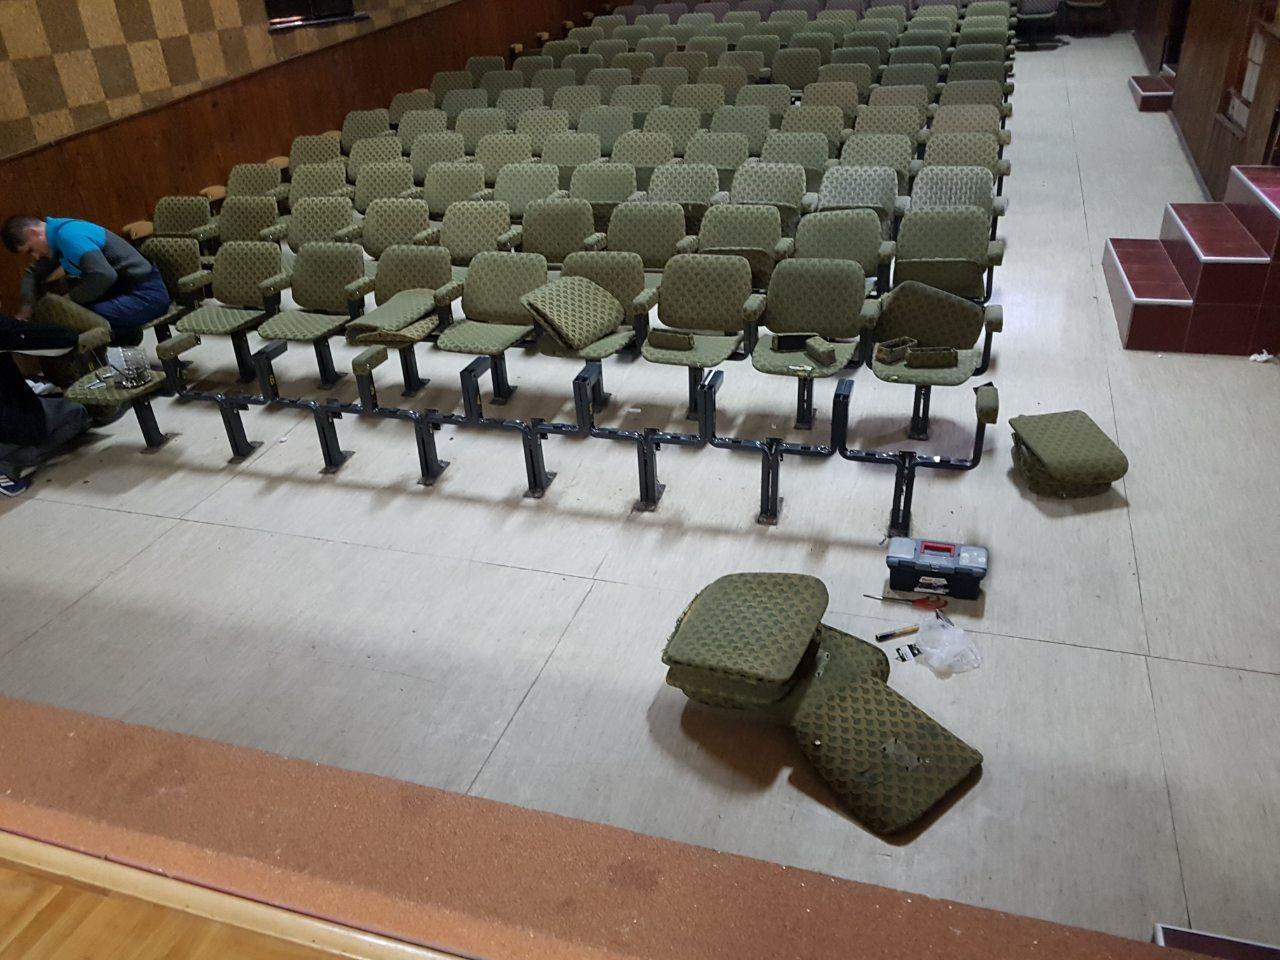 Popravka sedišta u bioskopskoj sali u Svrljigu